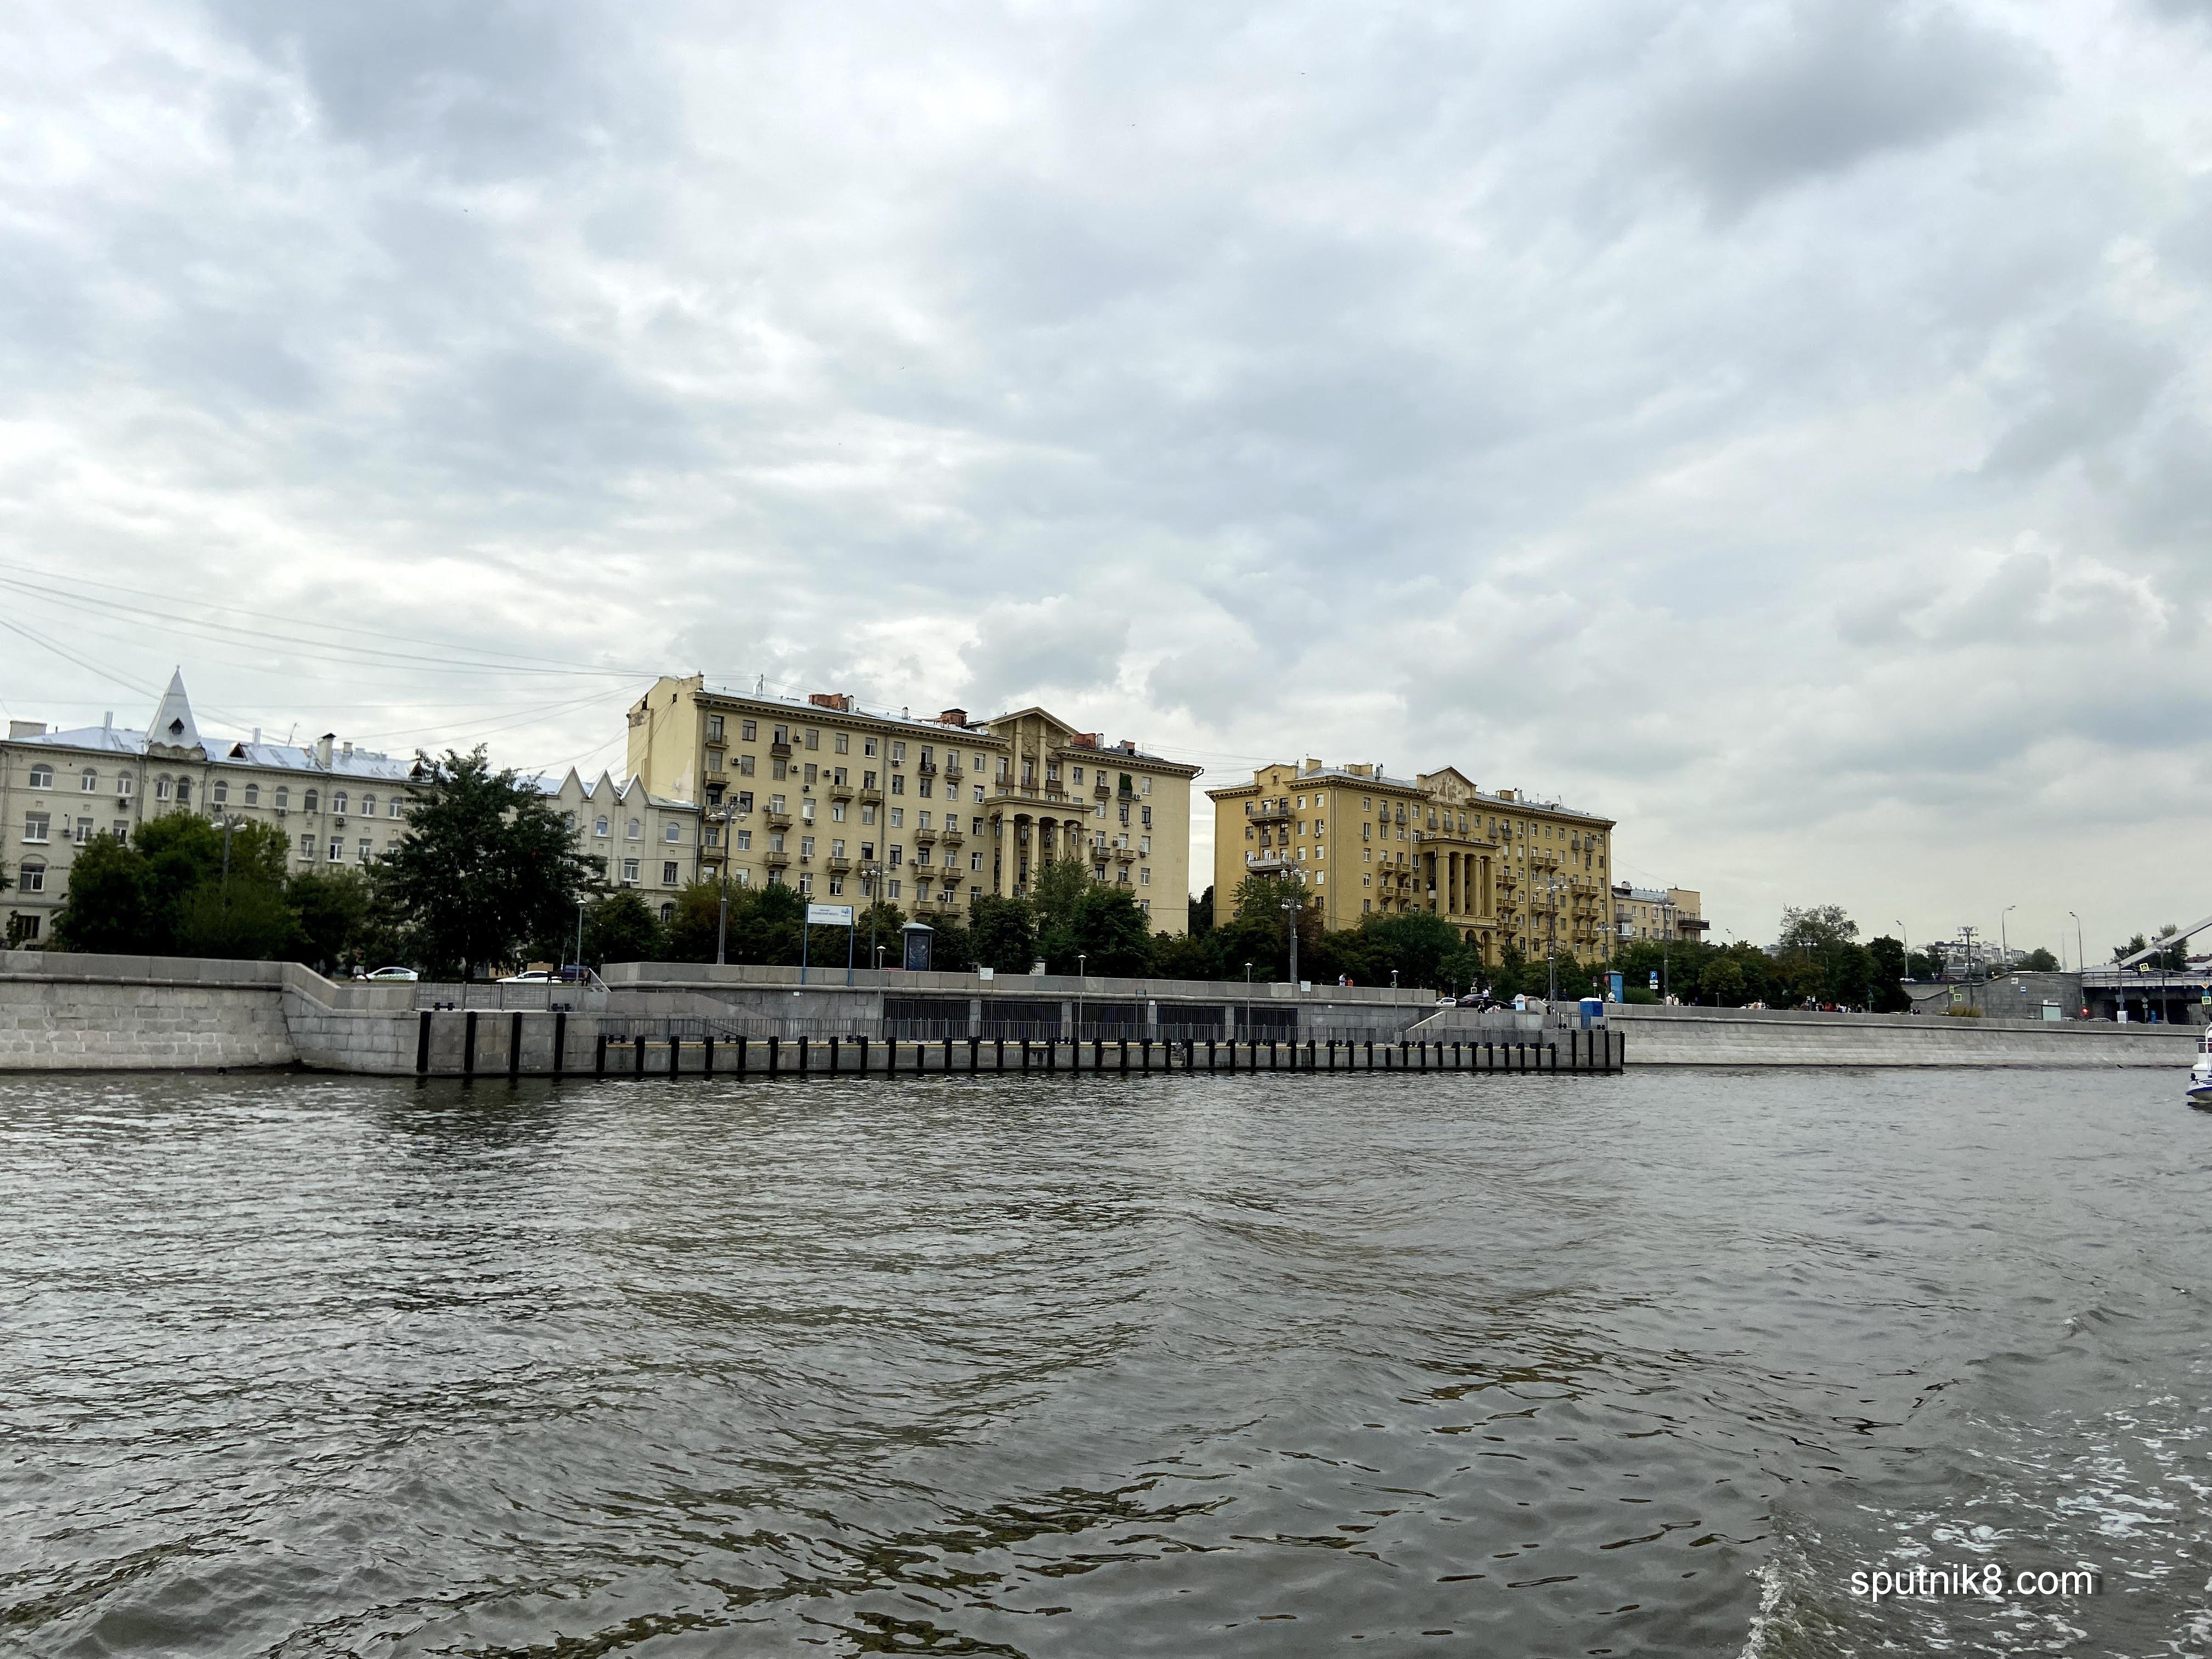 Фото причала у Крымского моста в Москве